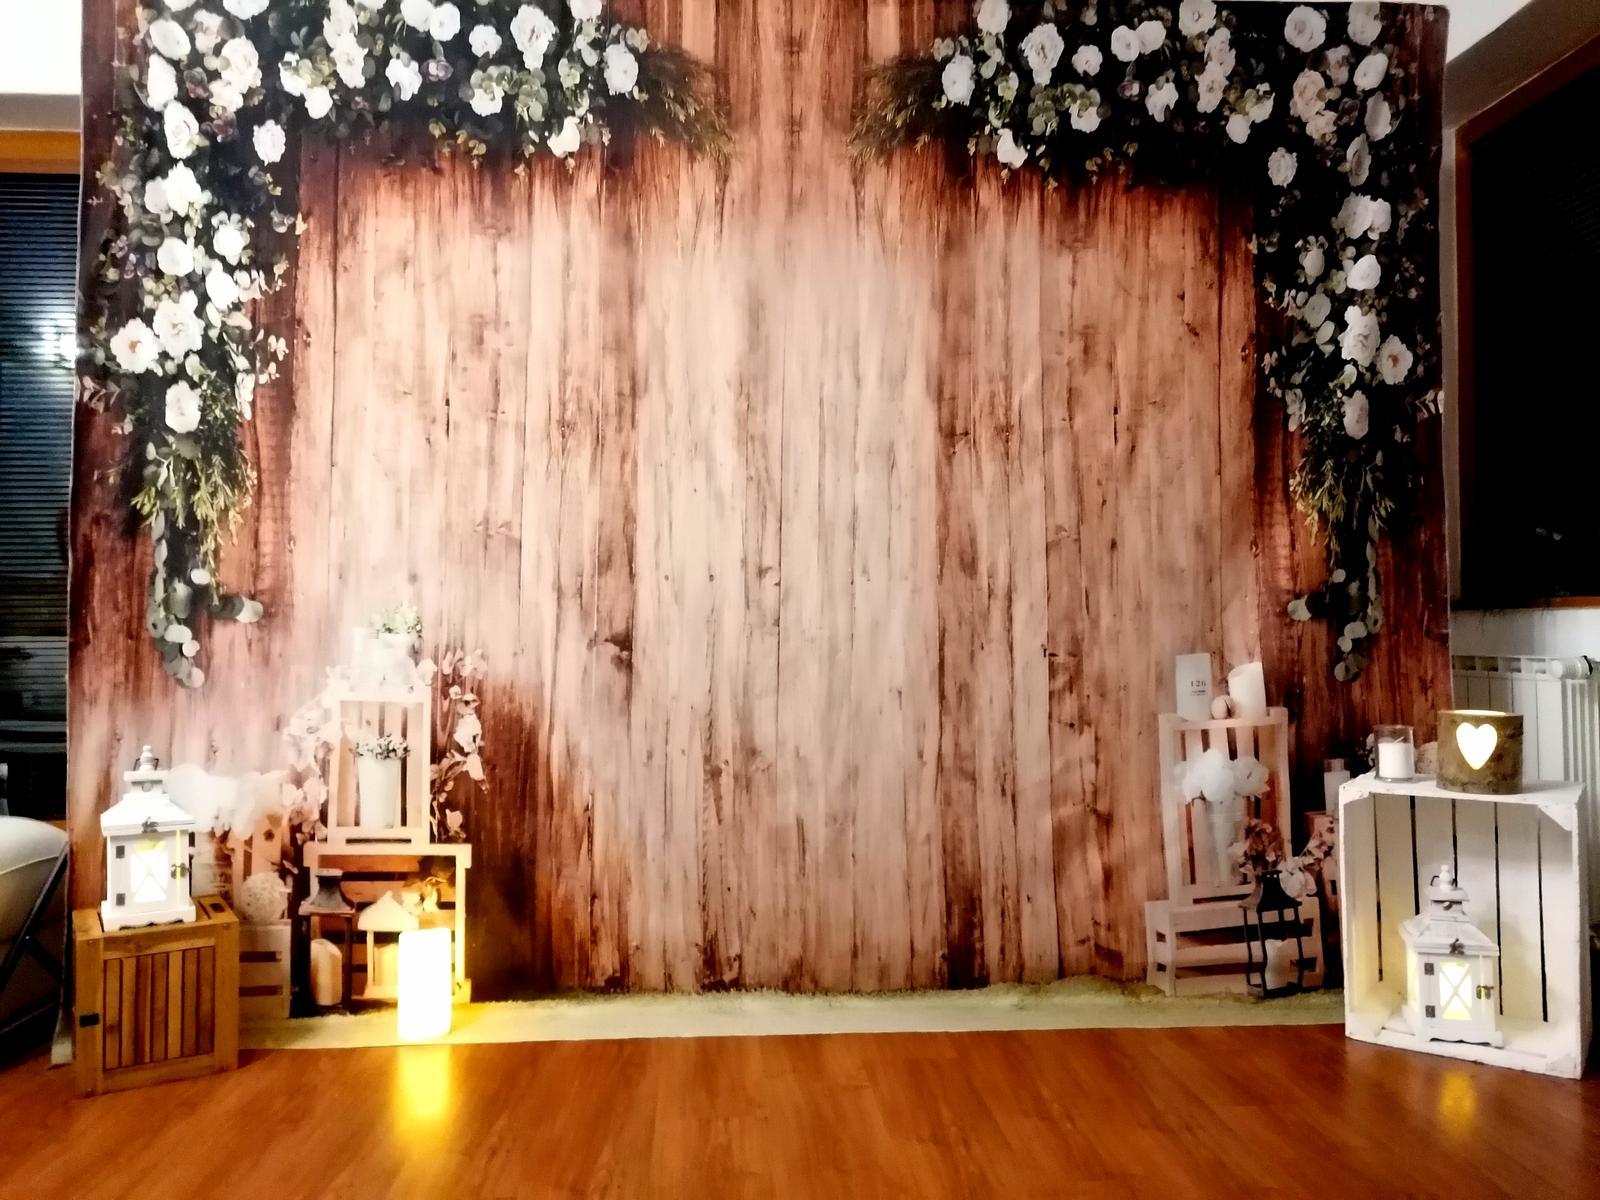 Novinka svadobna FOTO stena Rustical na prenajom - Obrázok č. 1